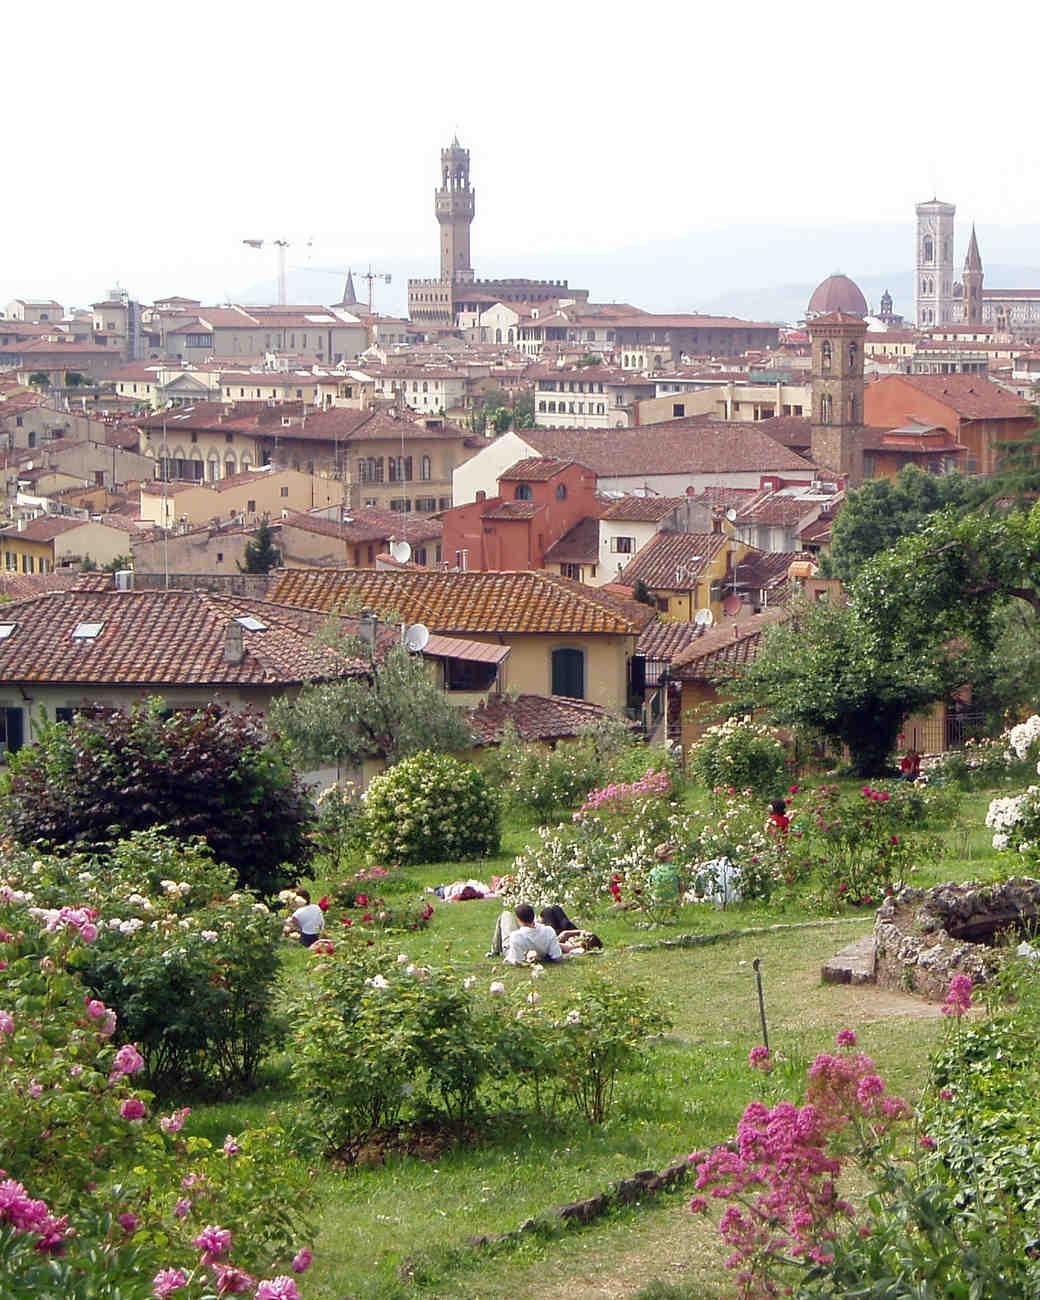 romantic-places-giardino-rose-florence-italy-0215.jpg